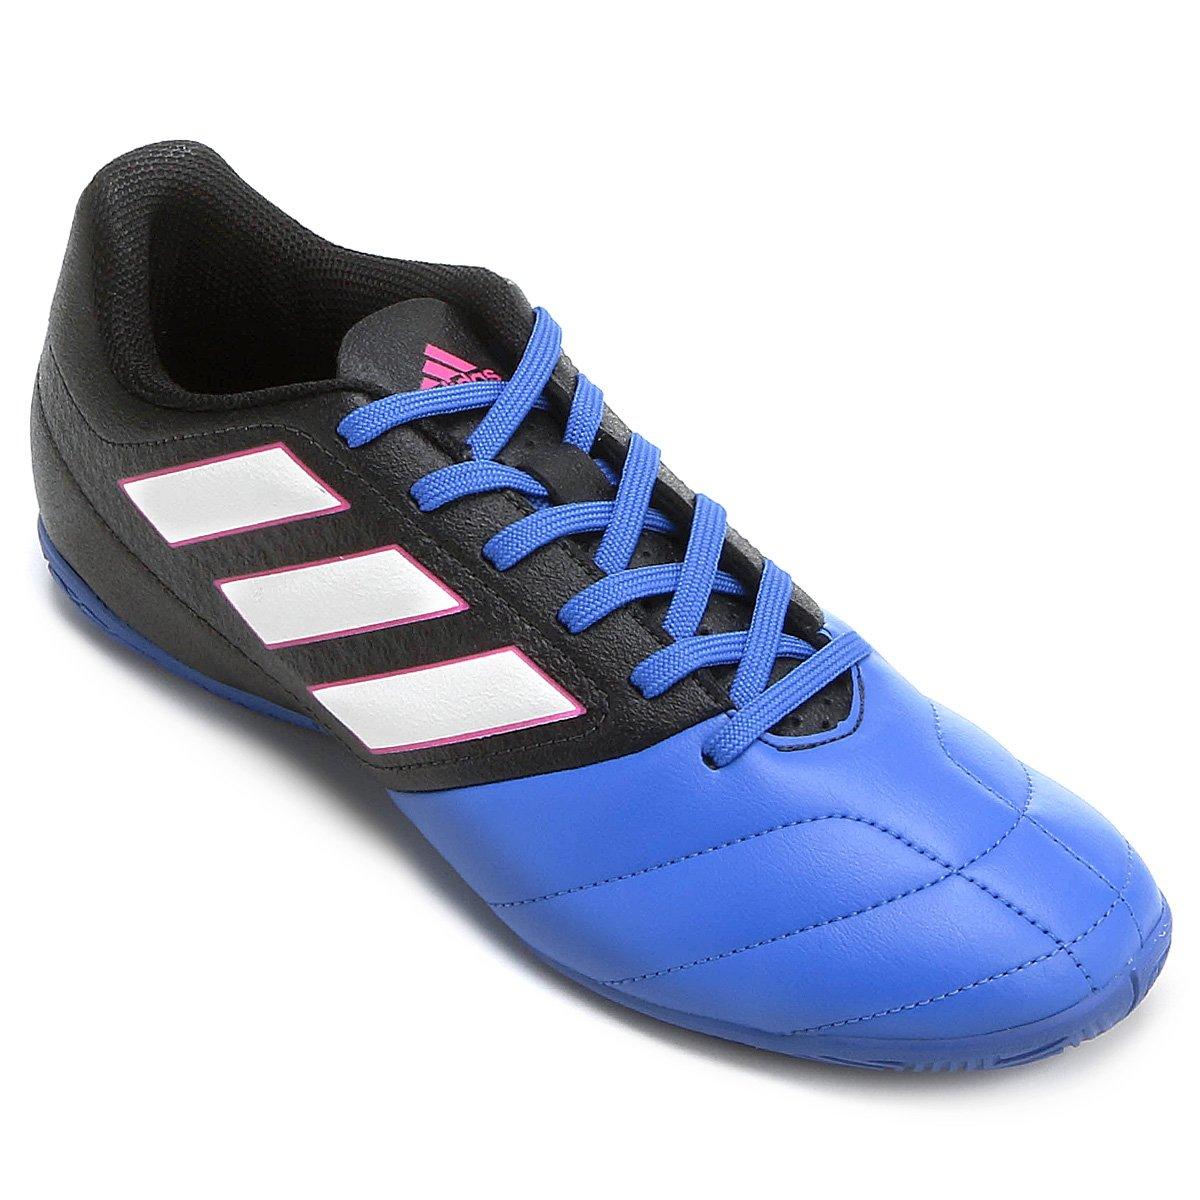 Chuteira Futsal Adidas Ace 174 IN Masculina